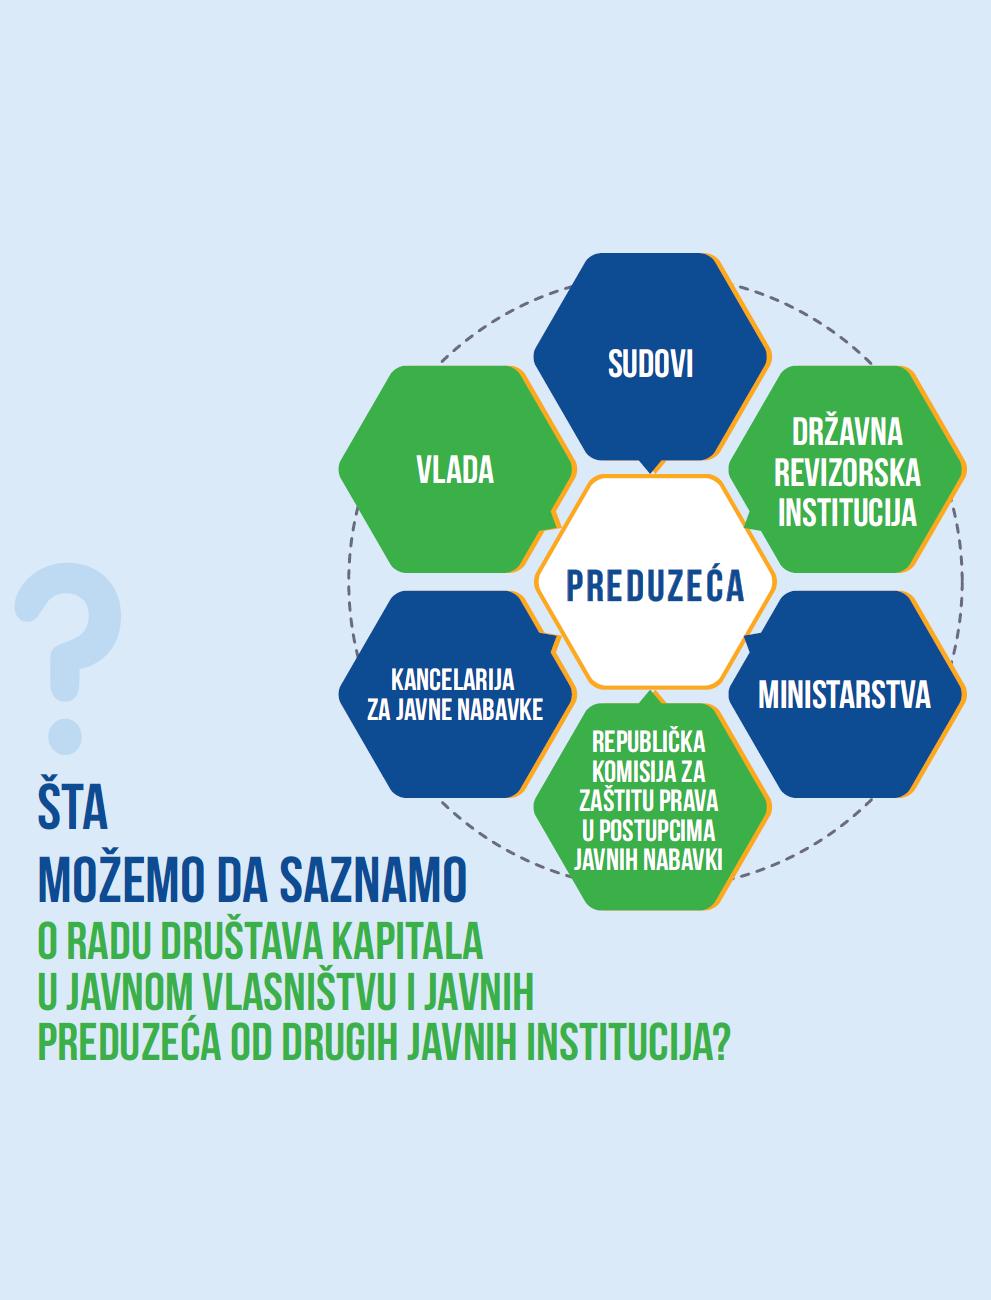 Šta možemo da saznamo o radu društava kapitala u javnom vlasništvu i javnih preduzeća od drugih javnih institucija?